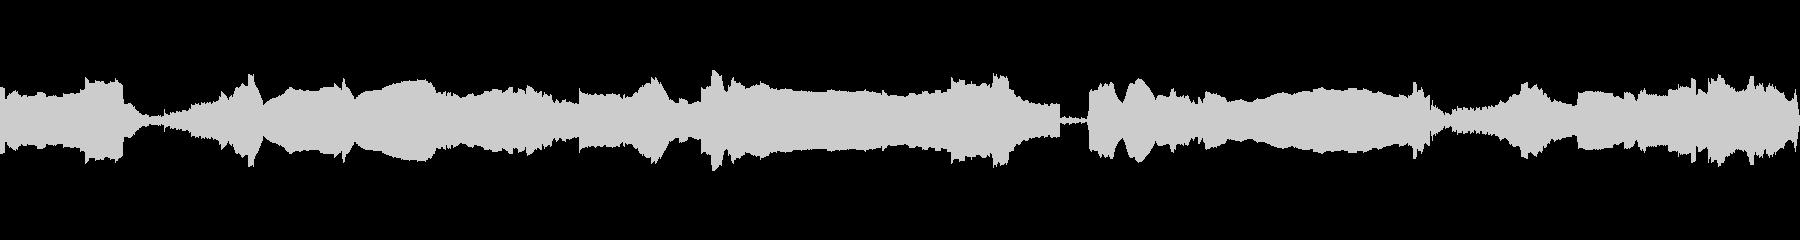 リバーレとピッチモジュレーションを...の未再生の波形